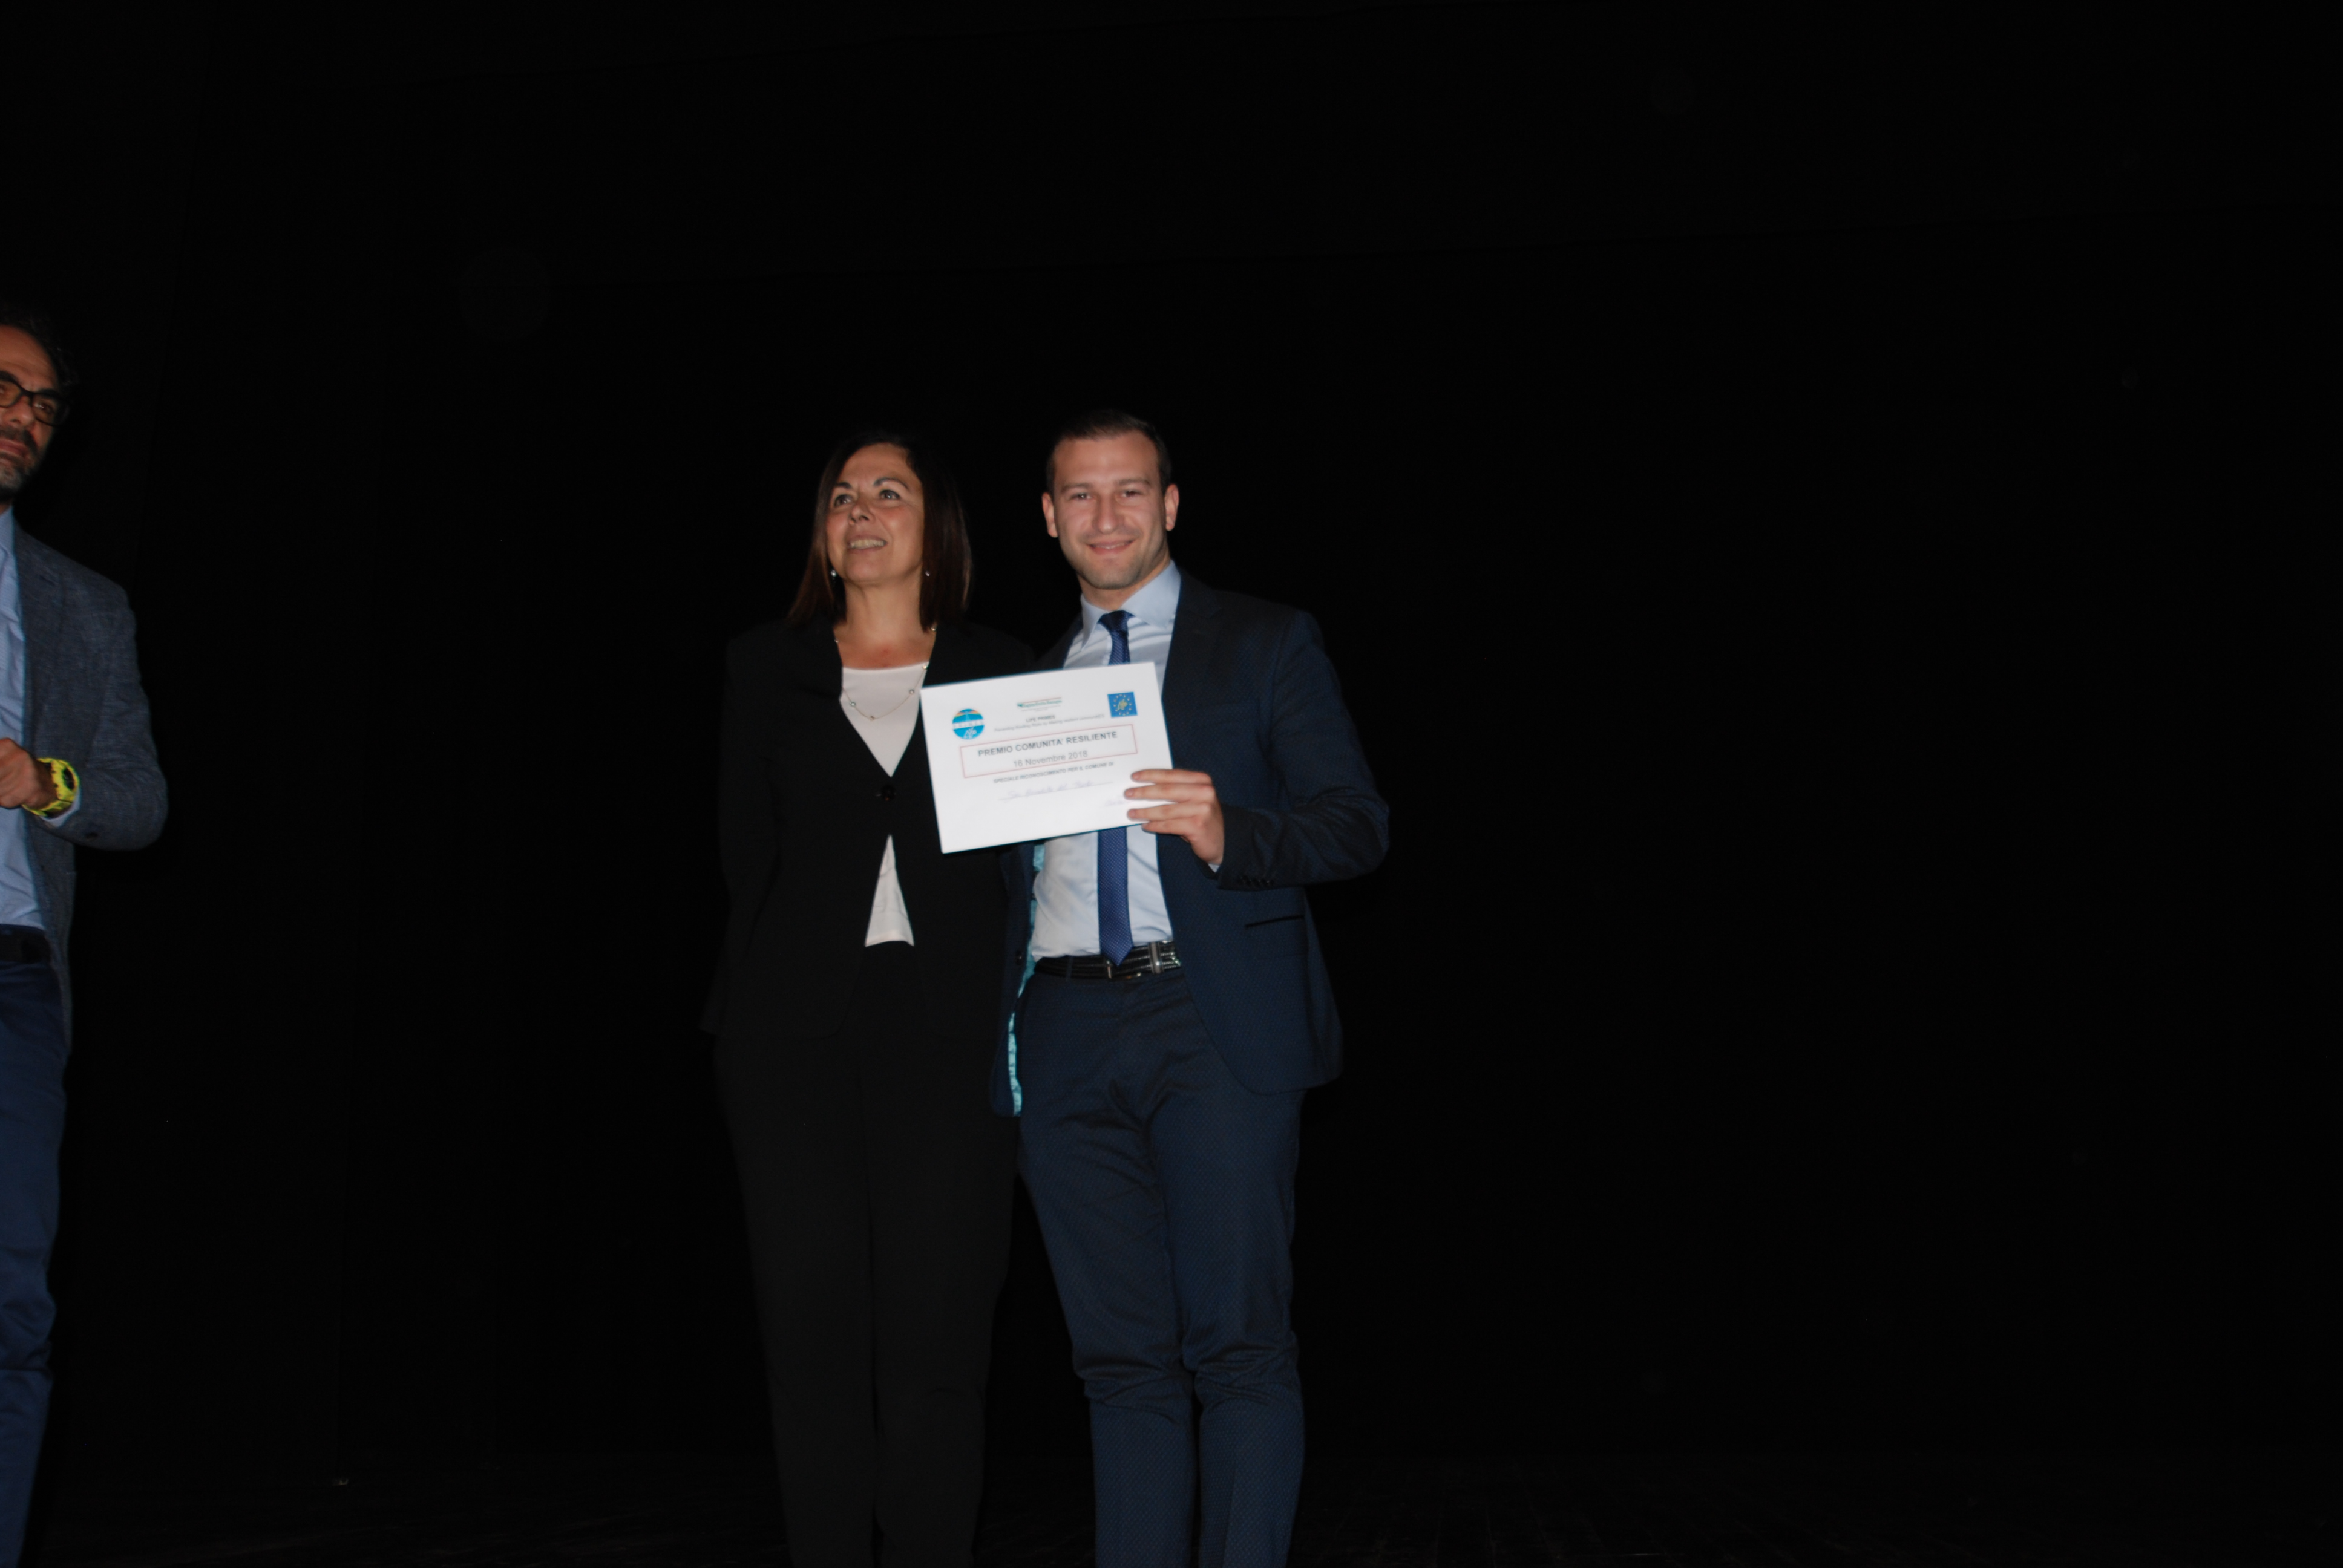 Assessore Gazzolo premia consigliere comune San Benedetto del Tronto